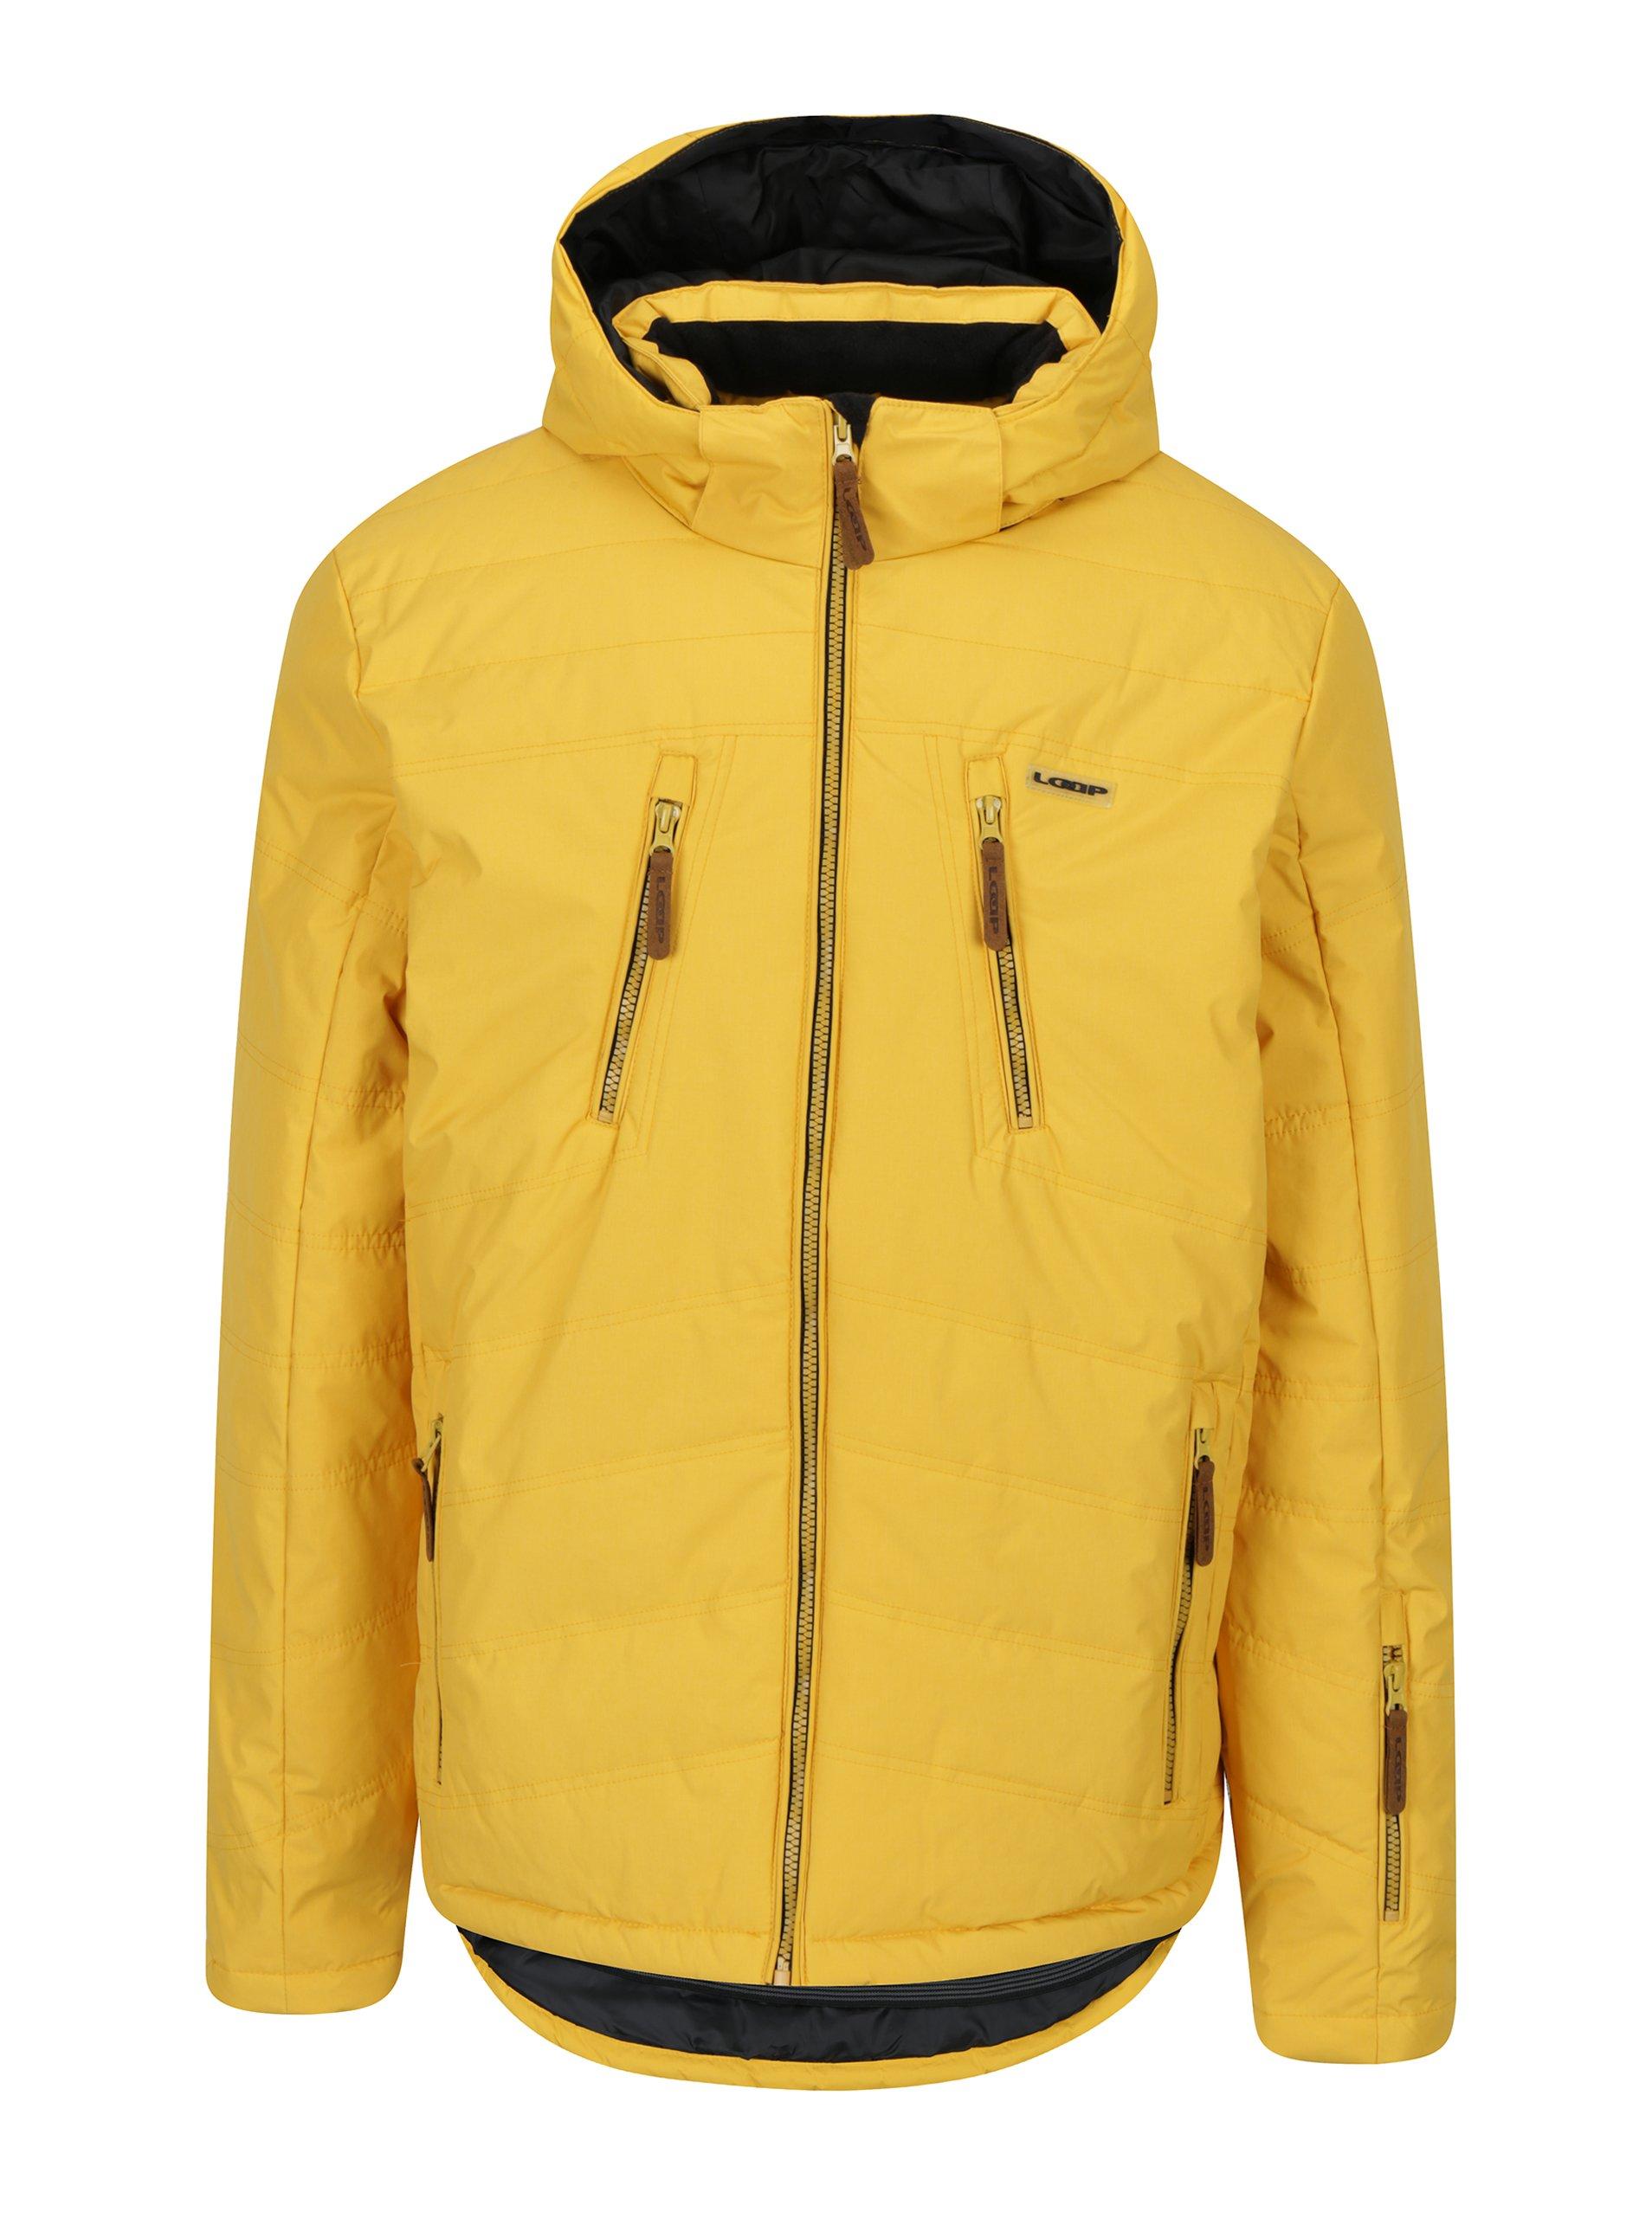 Žlutá pánská lyžařská funkční voděodolná bunda LOAP Fallon